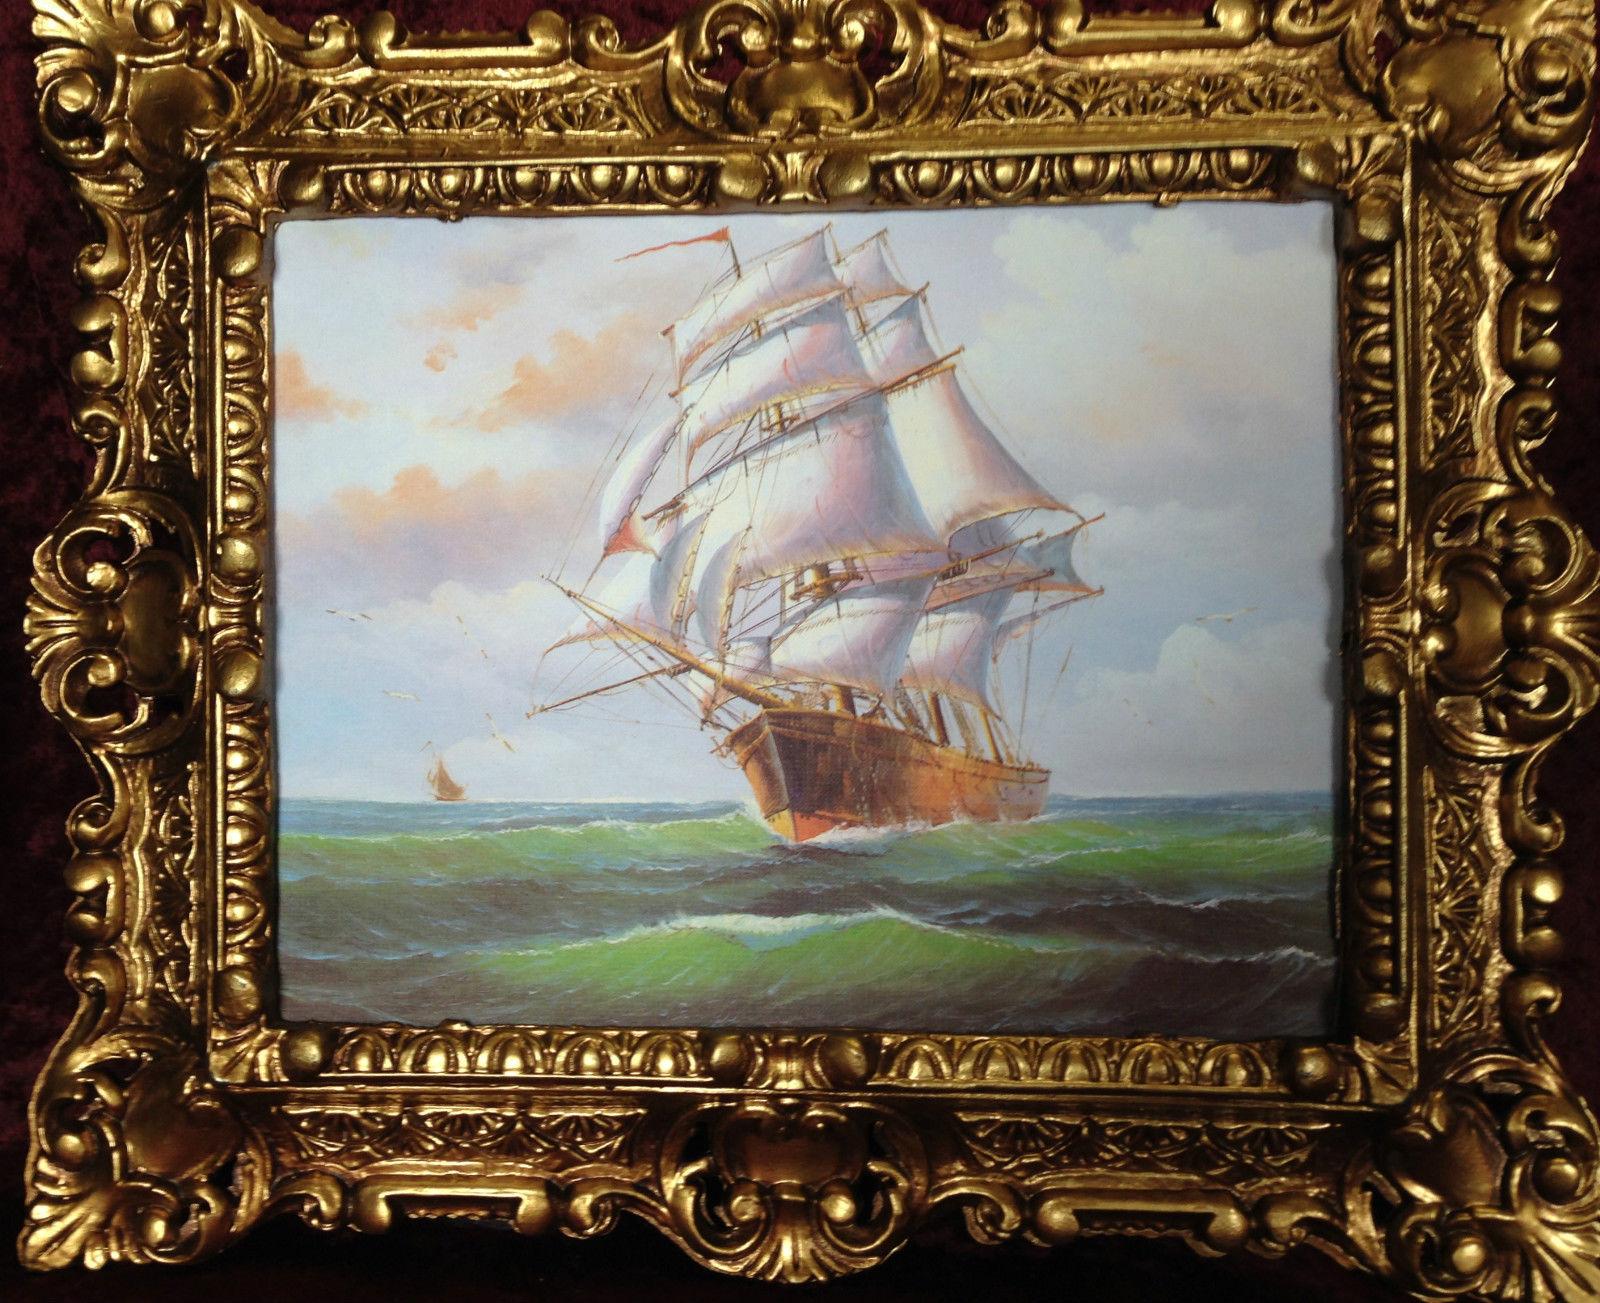 gem lde schiff meer maritime schiffe 45x38 segelschiff h her see bild mit rahmen kaufen bei. Black Bedroom Furniture Sets. Home Design Ideas